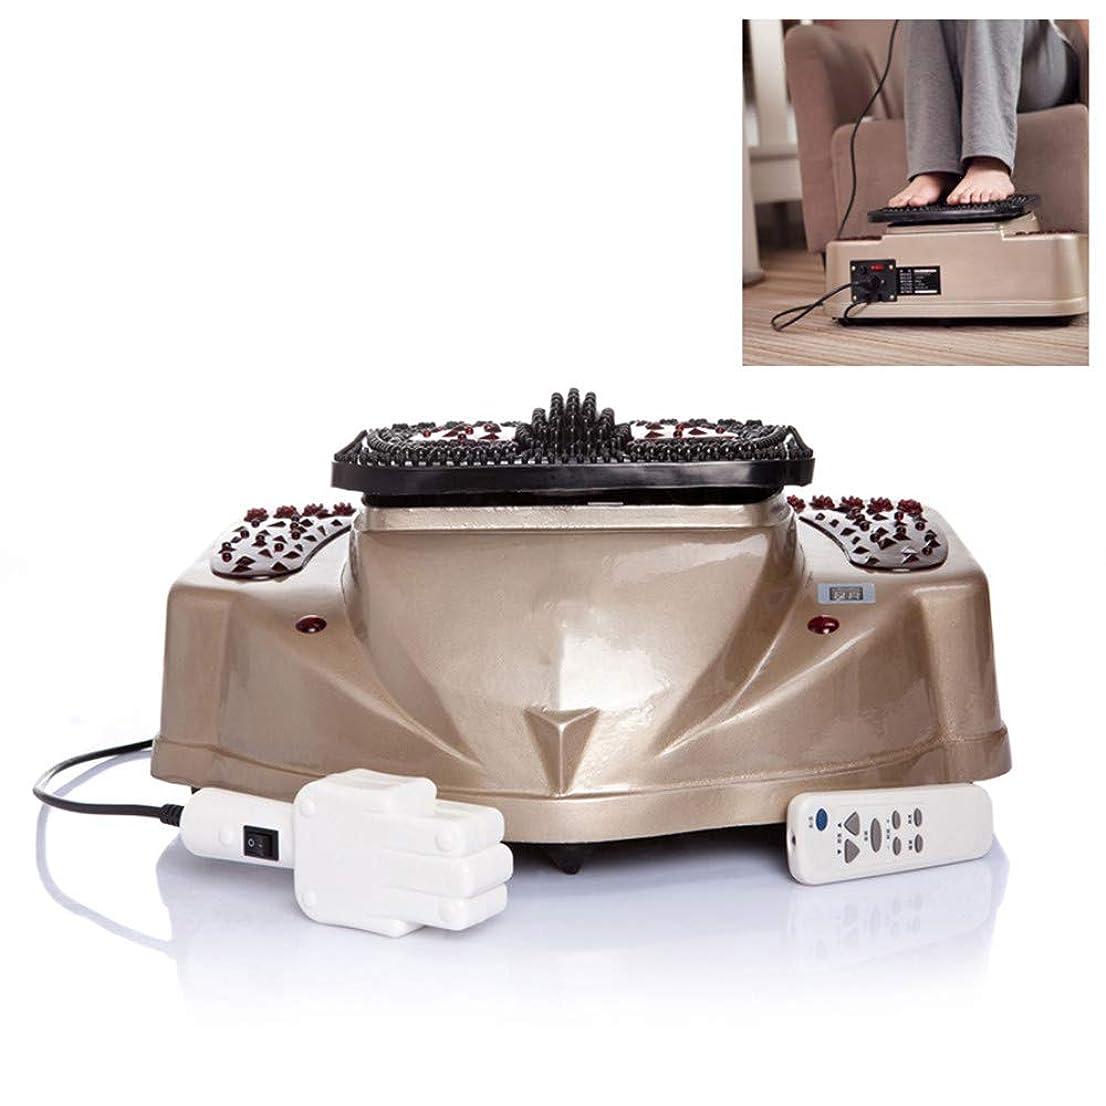 局むちゃくちゃ娯楽ワイヤレスコントロールフットマッサージャー足の赤外線電気音声デジタルフット豪華血液循環マッサージ機